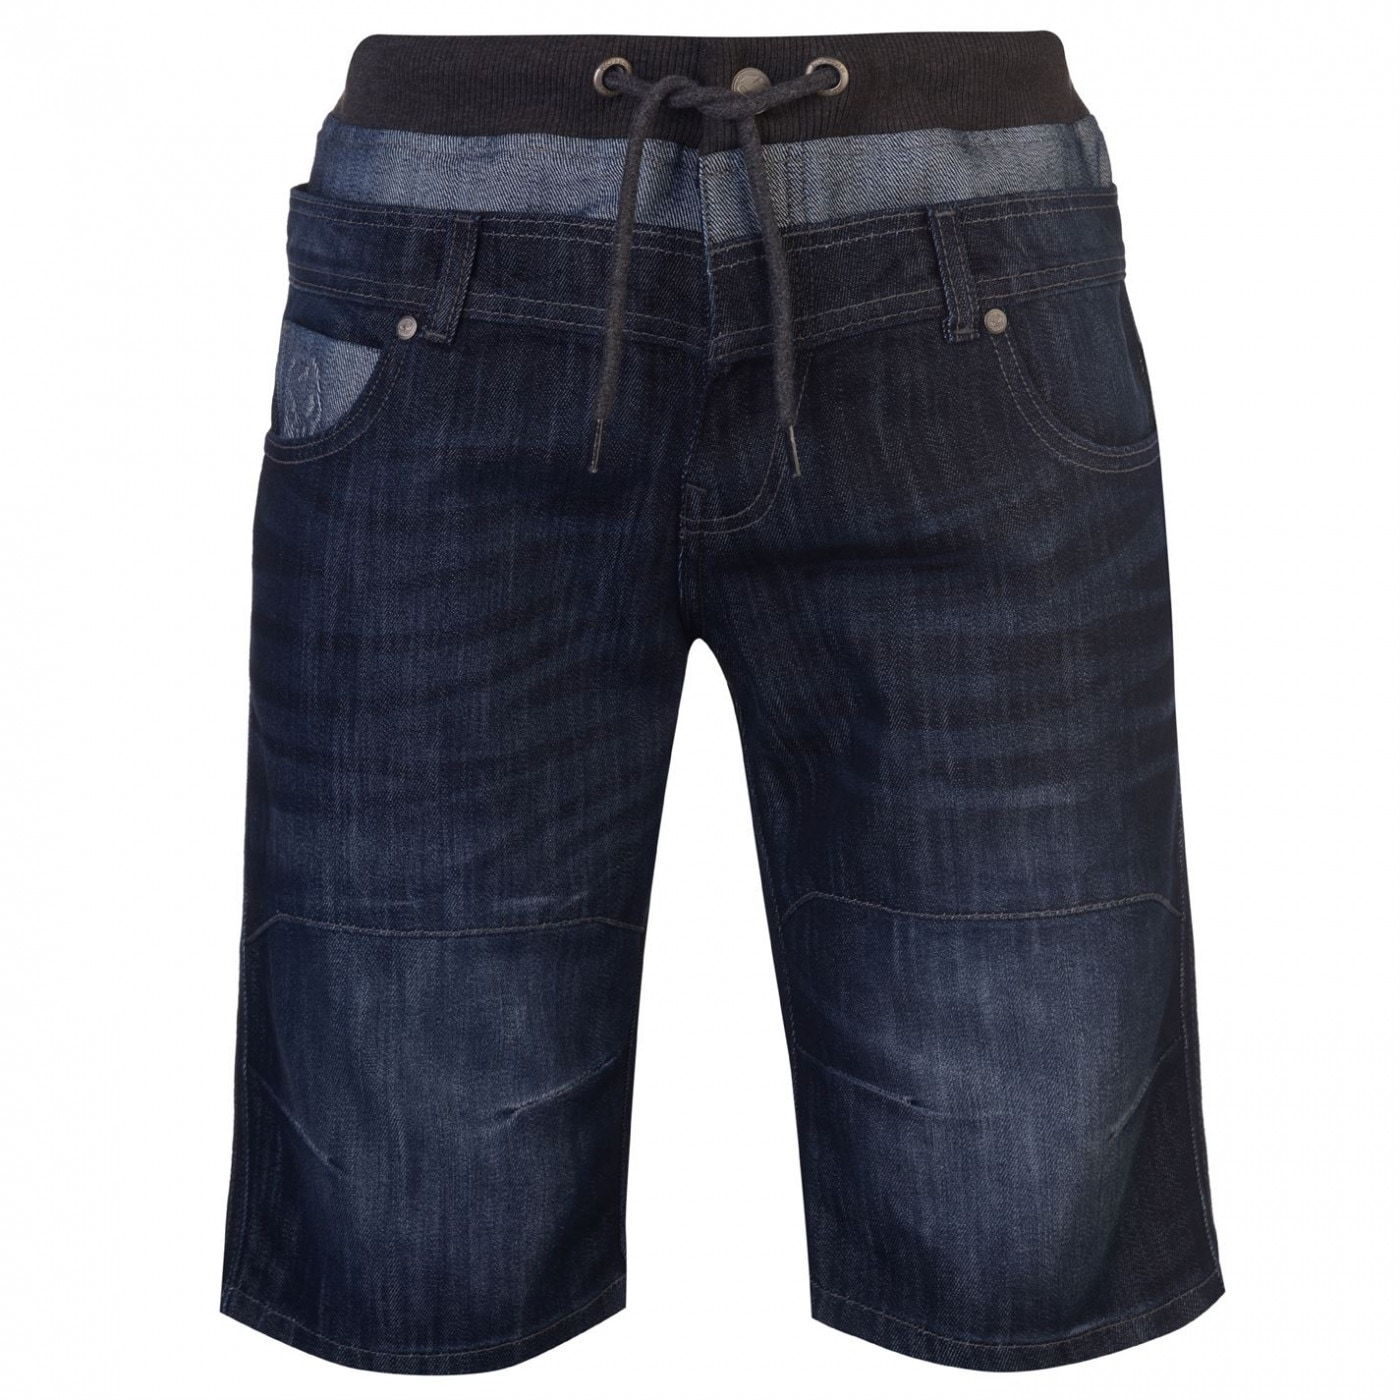 Men's shorts No Fear Denim